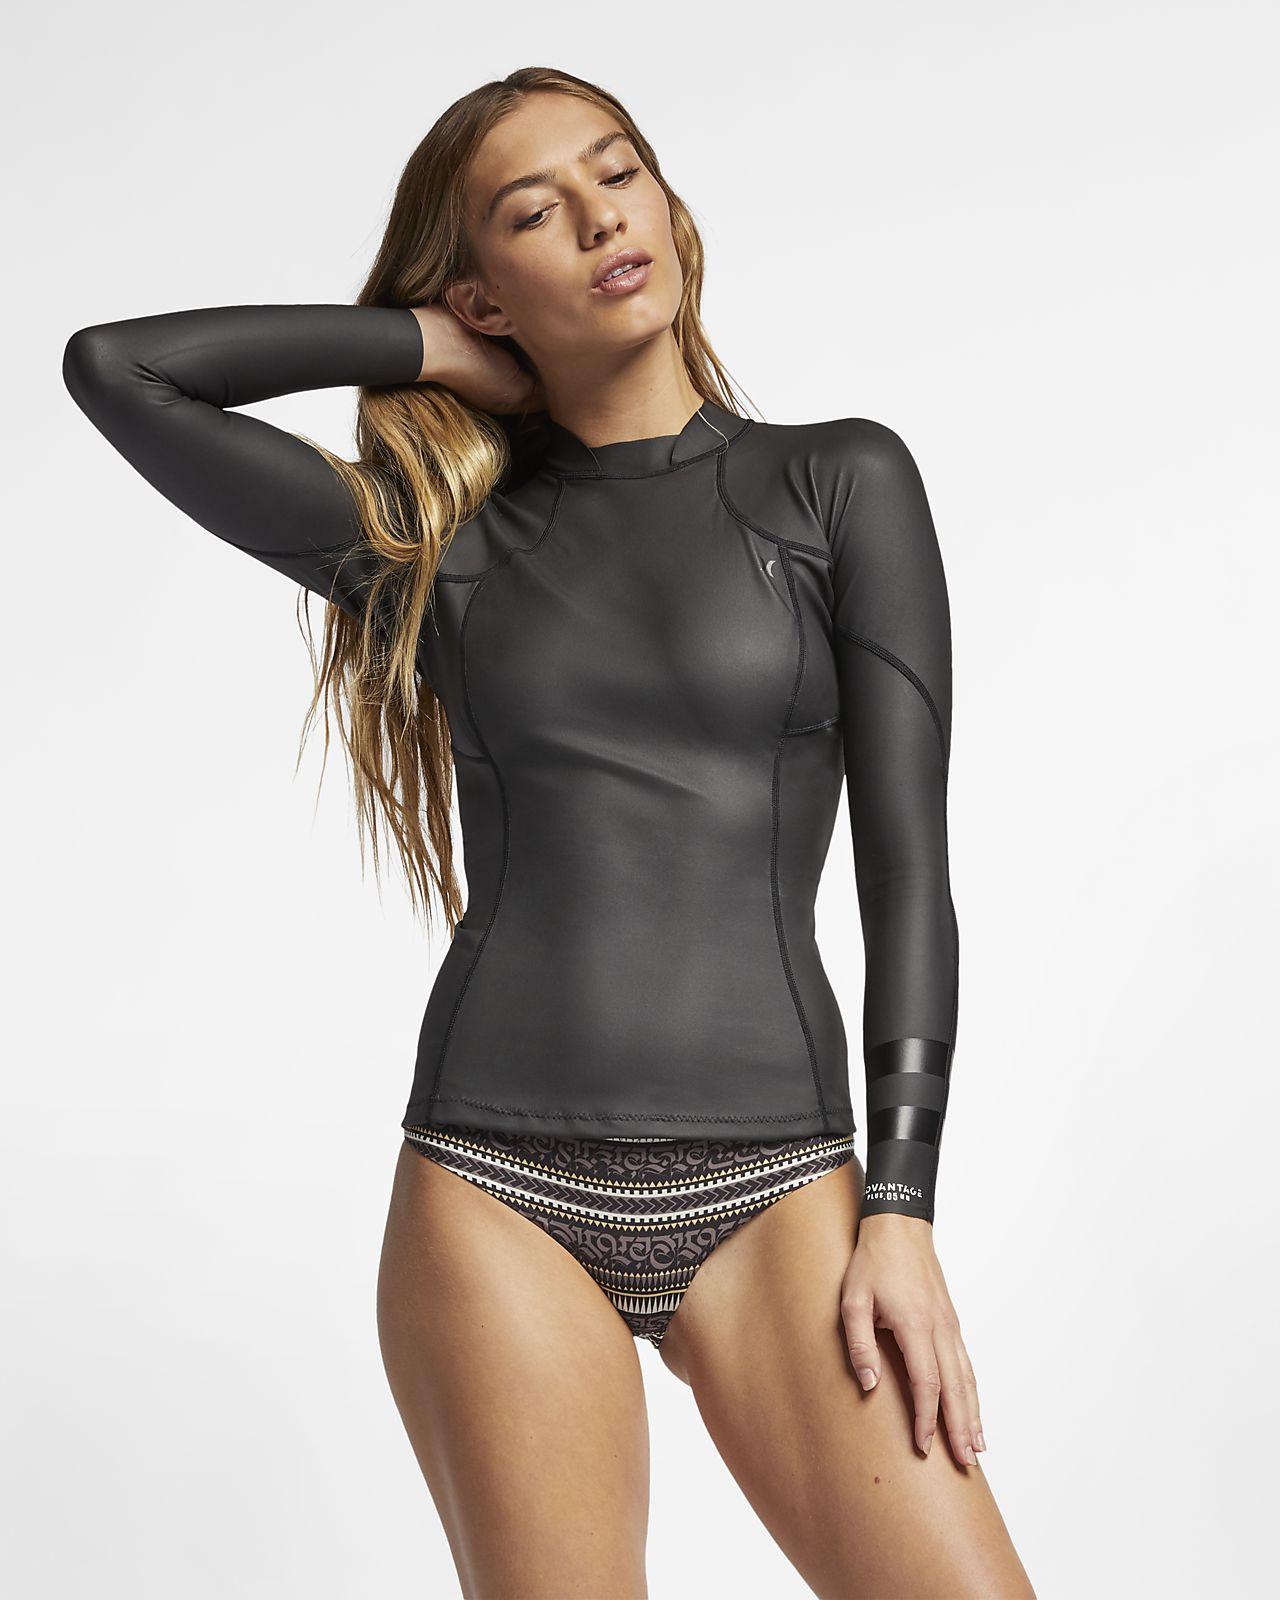 Hurley Advantage Plus 0.5mm Windskin Women's Wetsuit Jacket